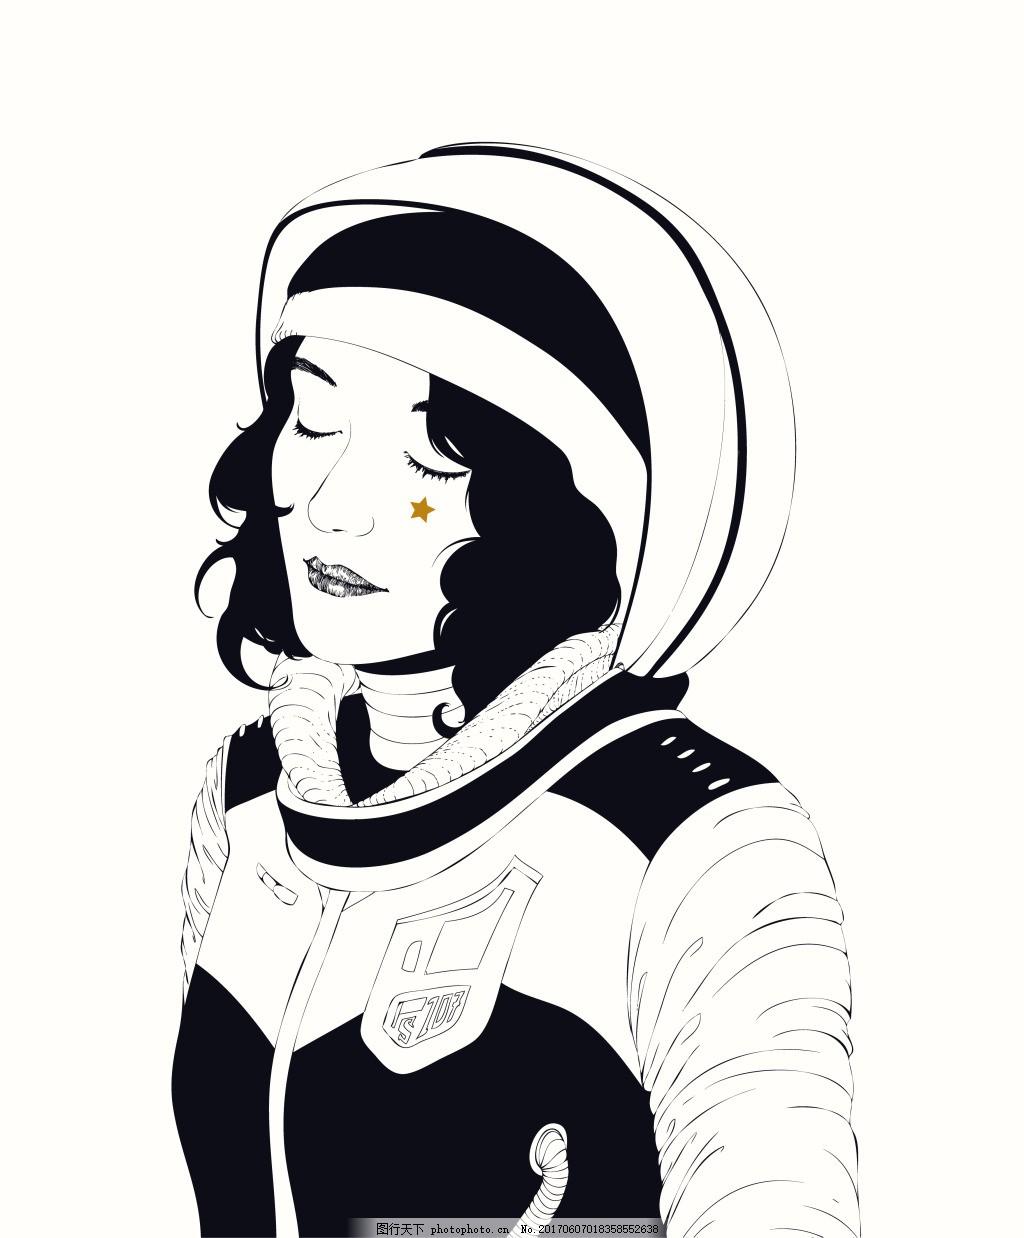 女宇航员短发卡通人物 宇航服 美女 素描 手绘 插画 矢量 文件